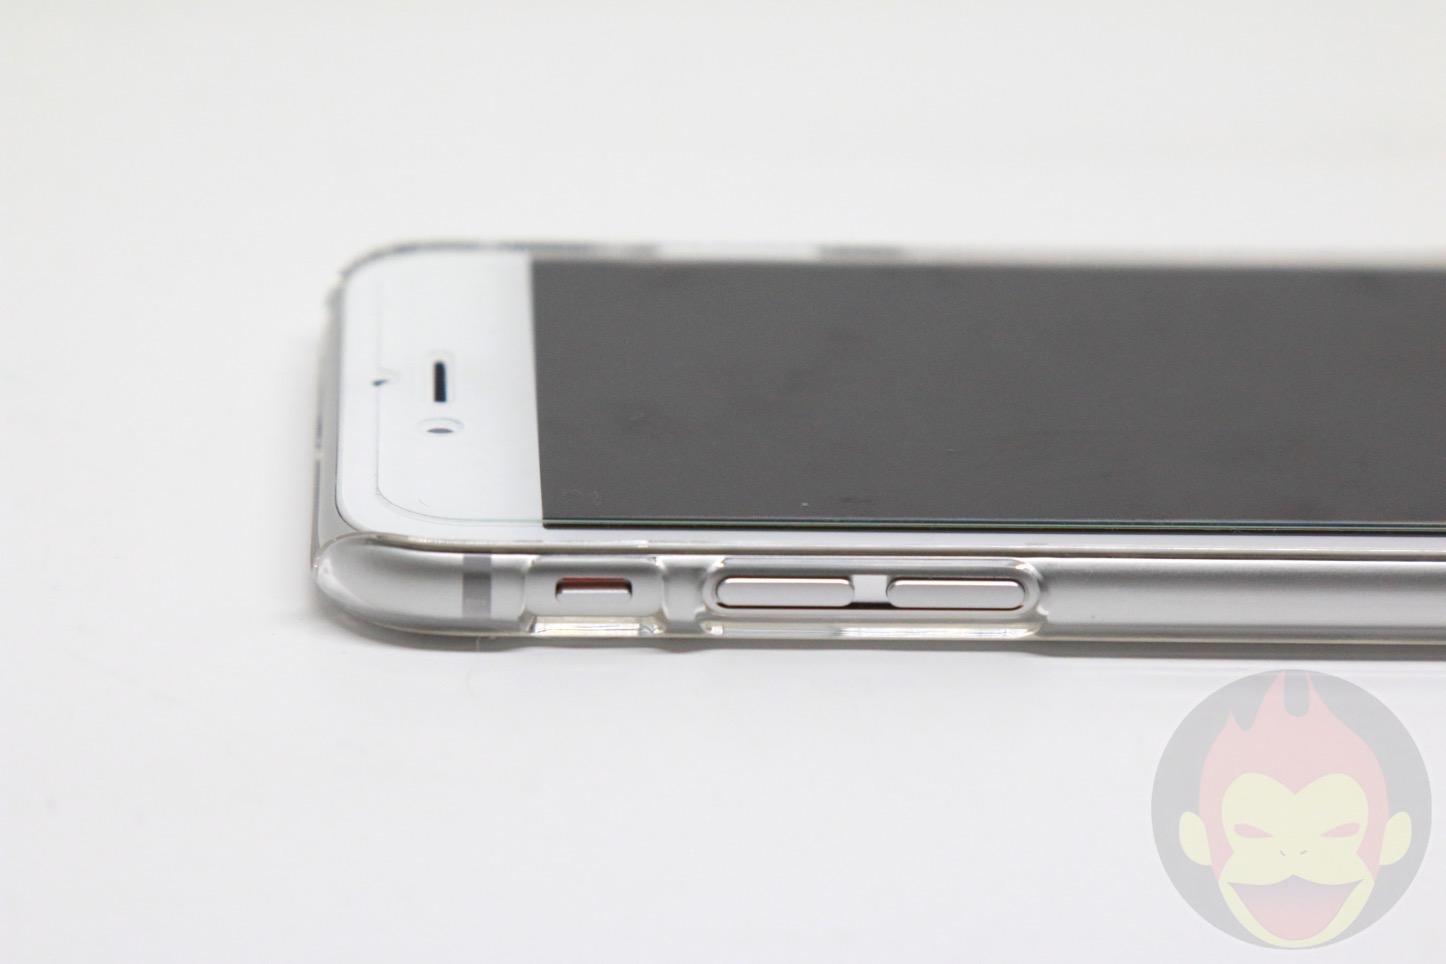 iPhone6s-Spigen-Thin-Fit-Case-07.JPG